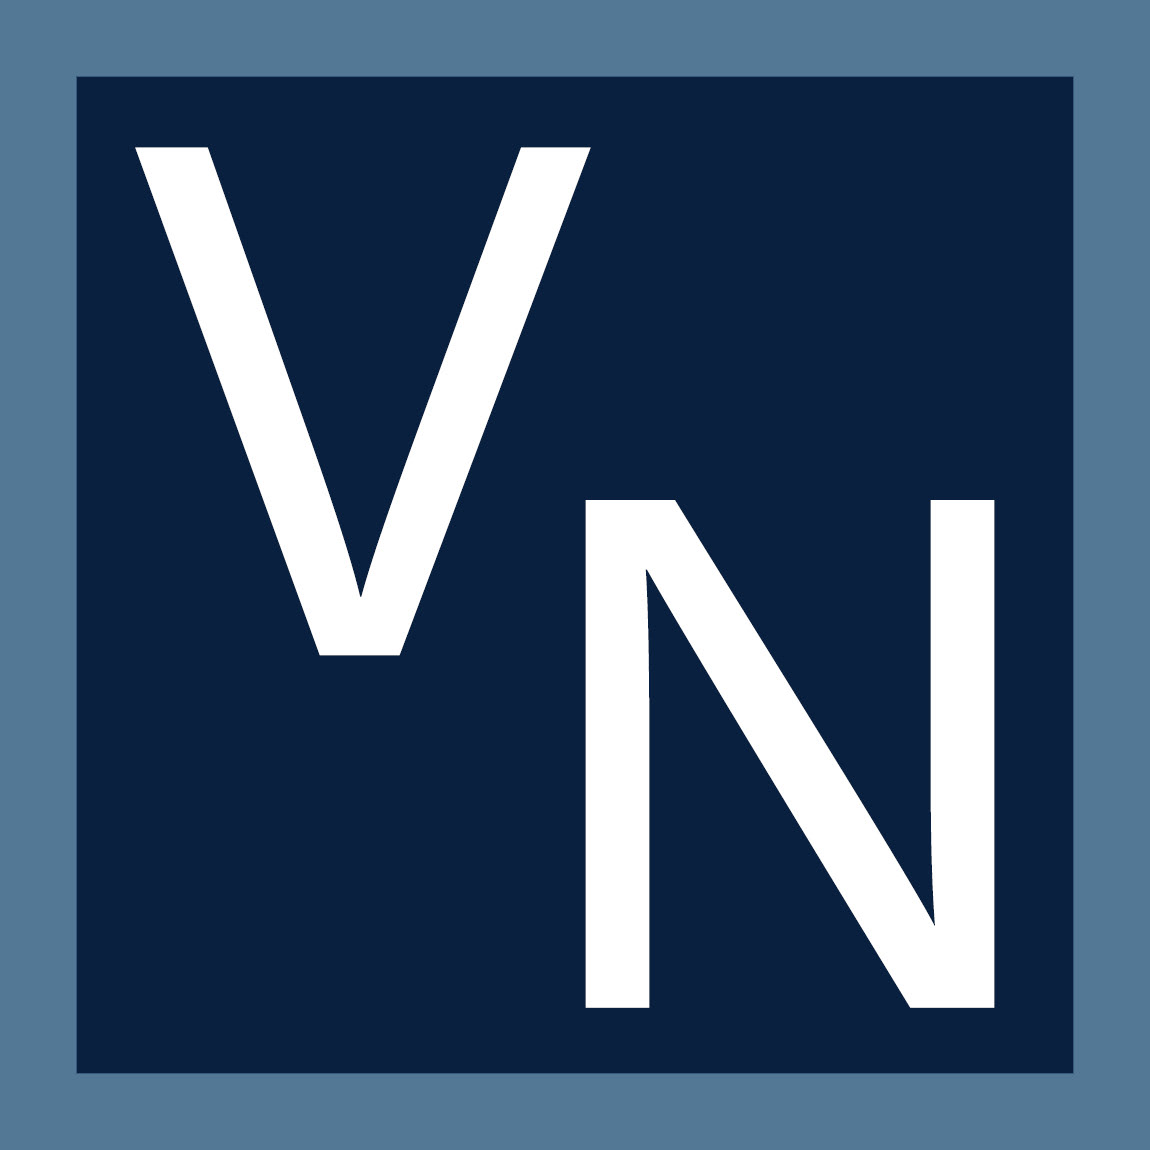 Victor Nan